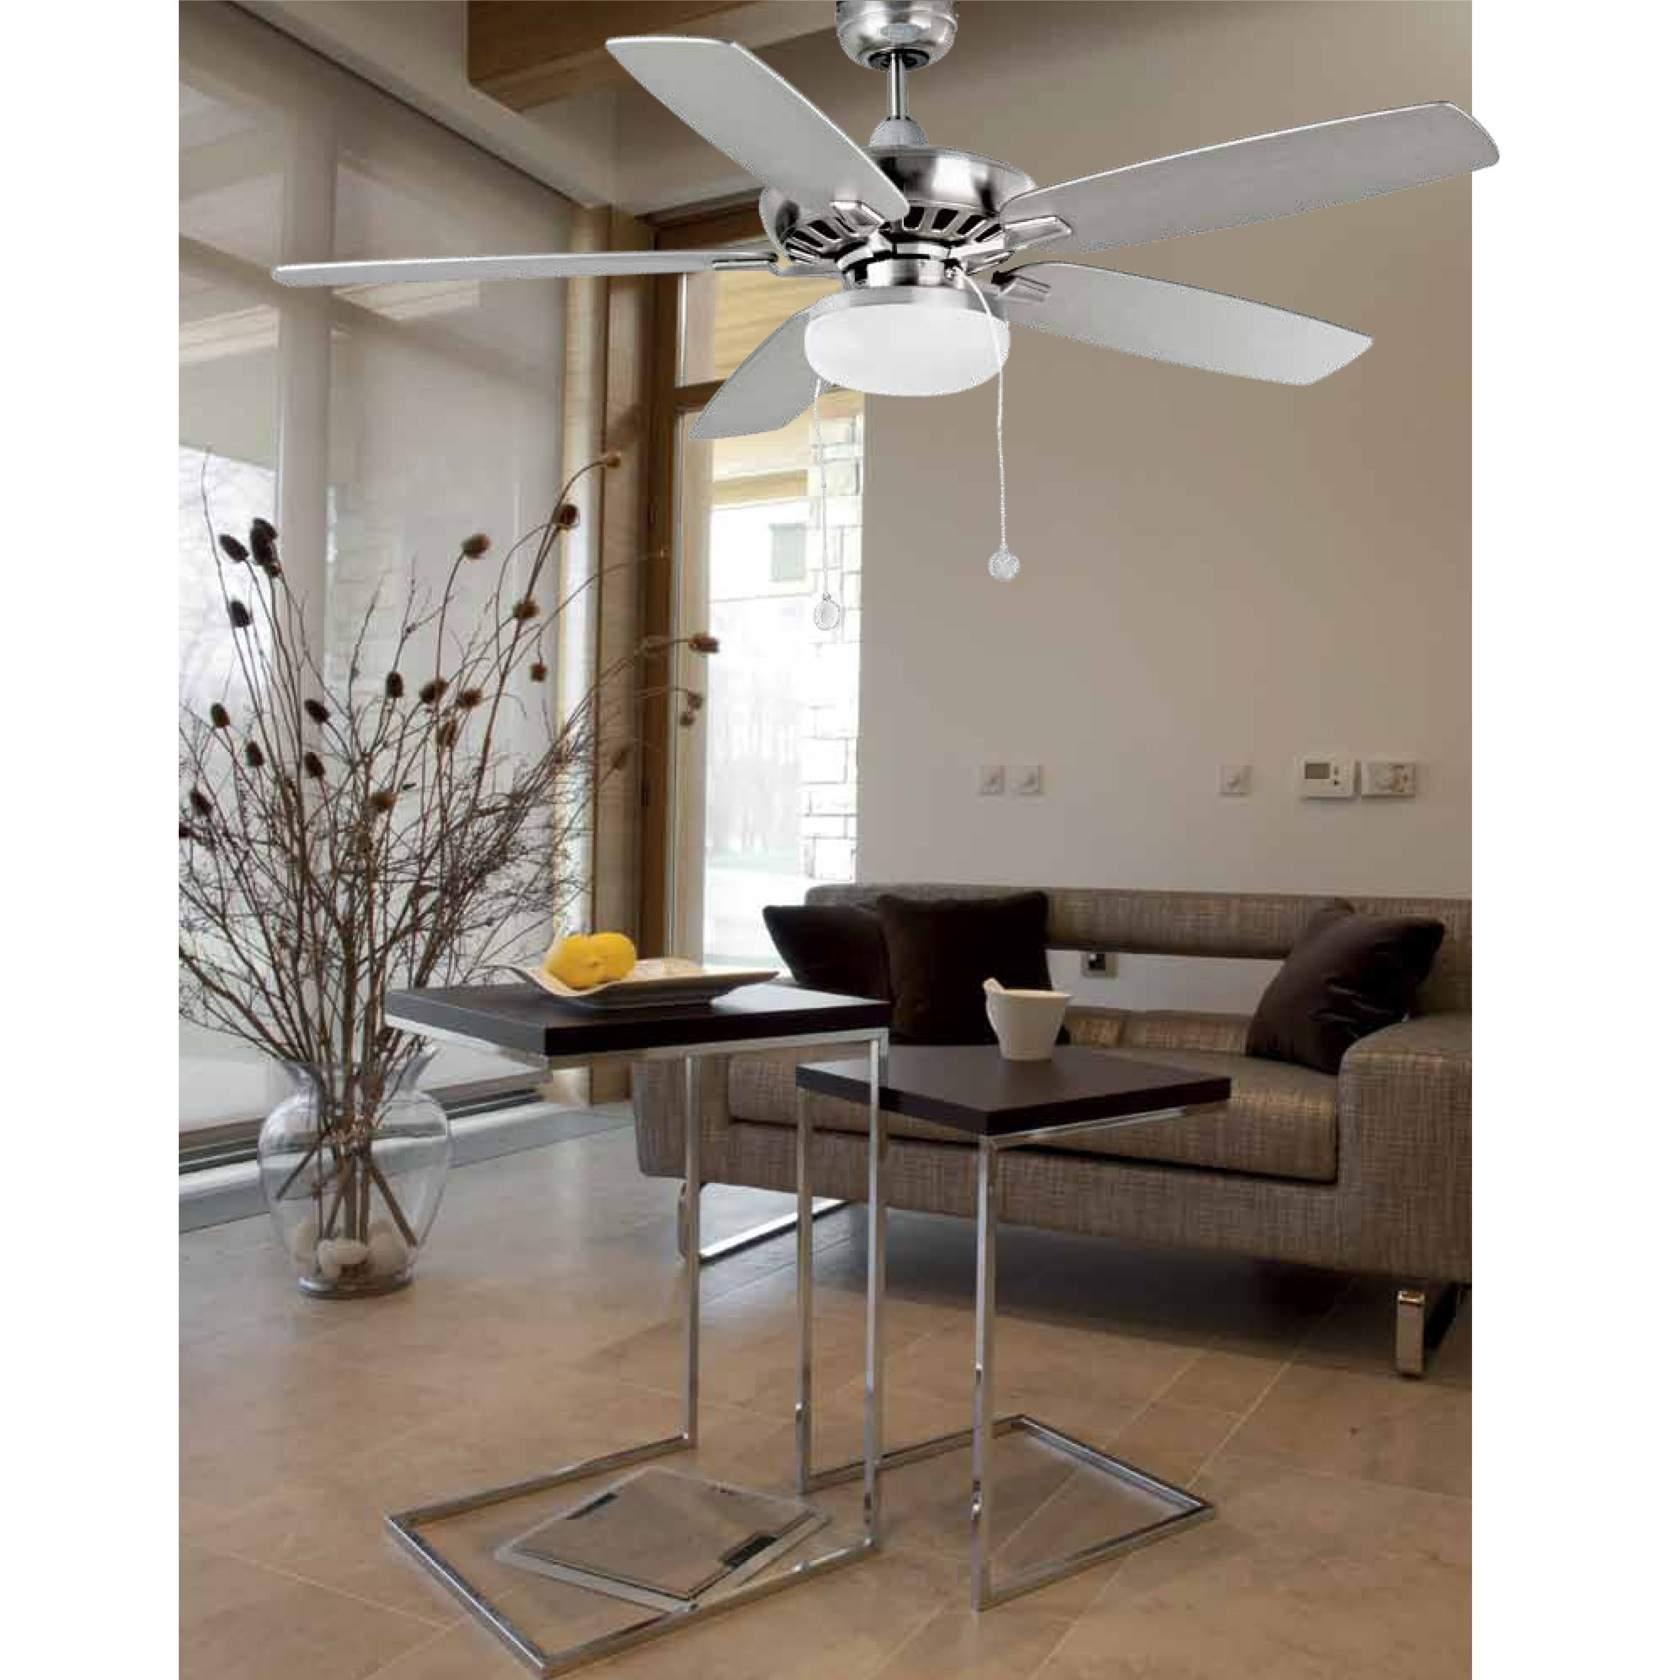 Kadmat Fan with light Structure níquel Matt E27 2x15w ø132cm blades Arce/white